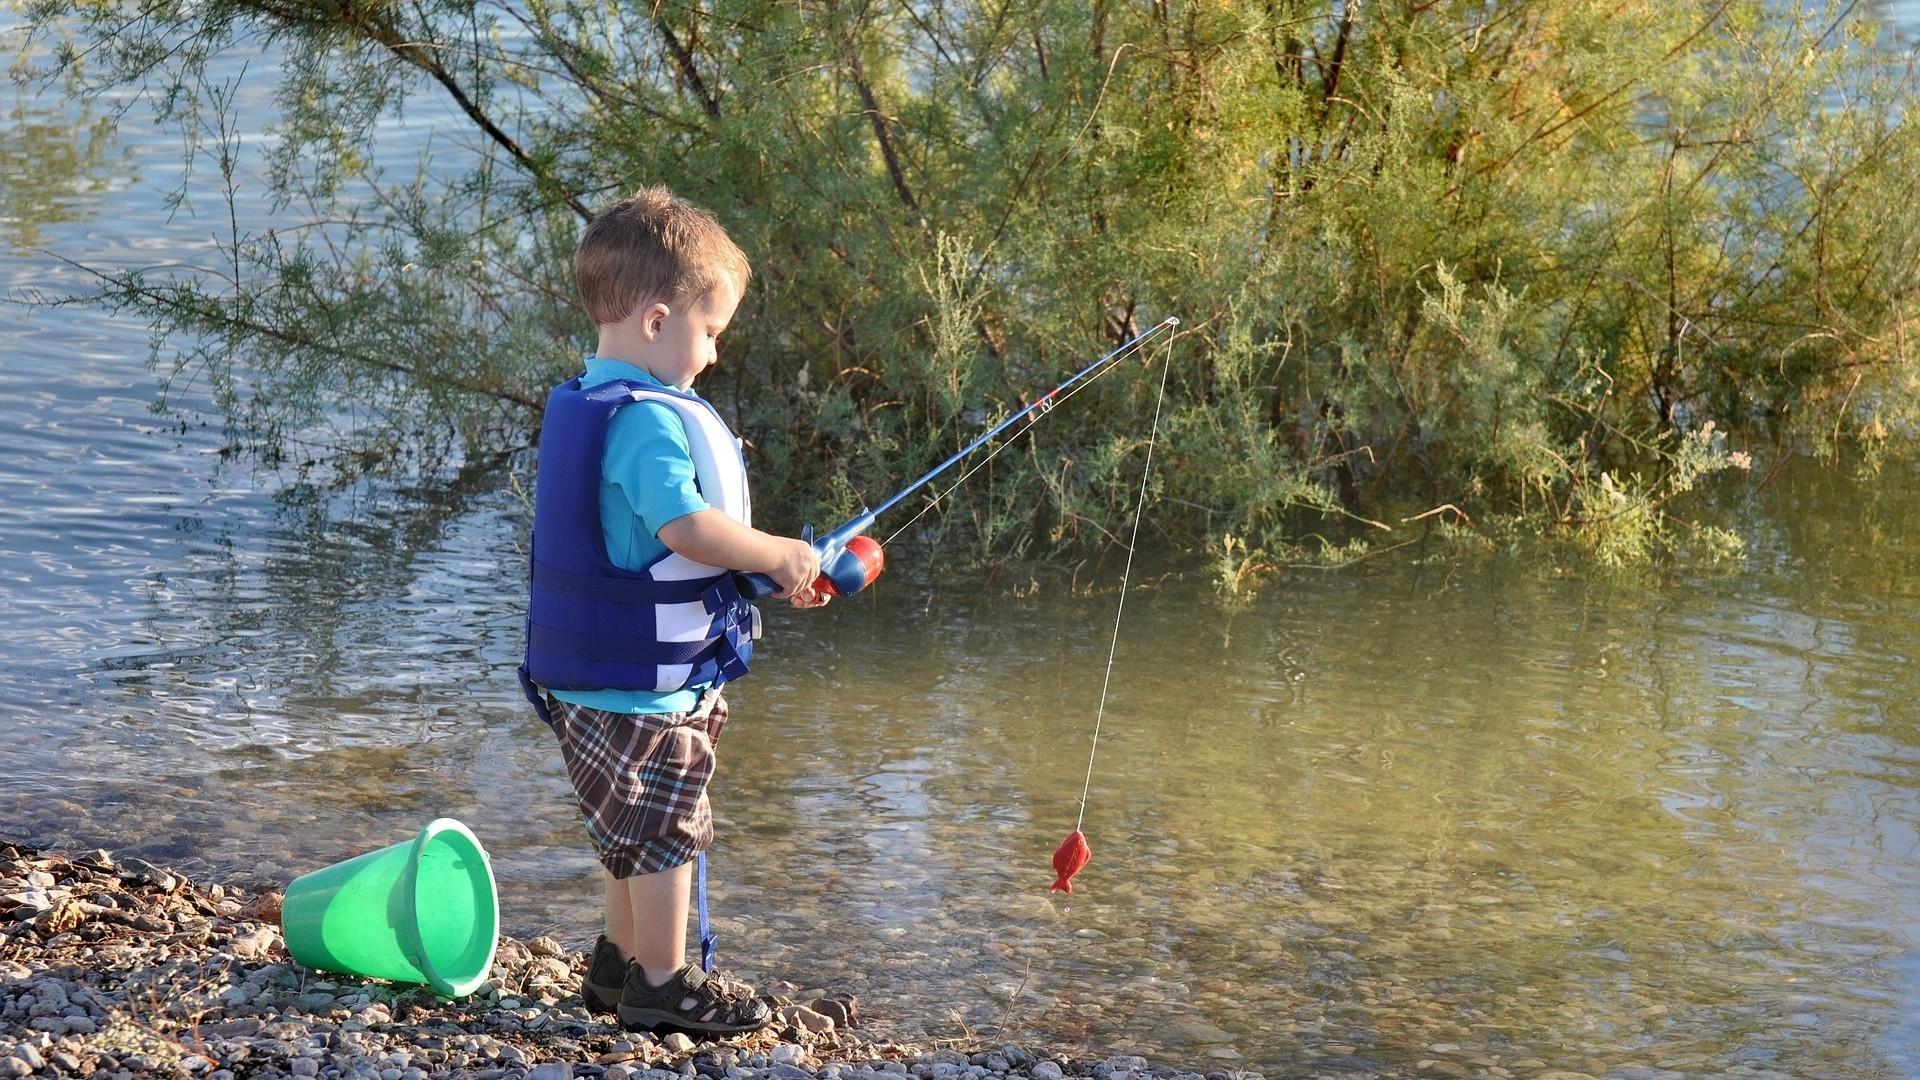 ▲釣魚,小孩。(圖/取自免費圖庫Pixabay)